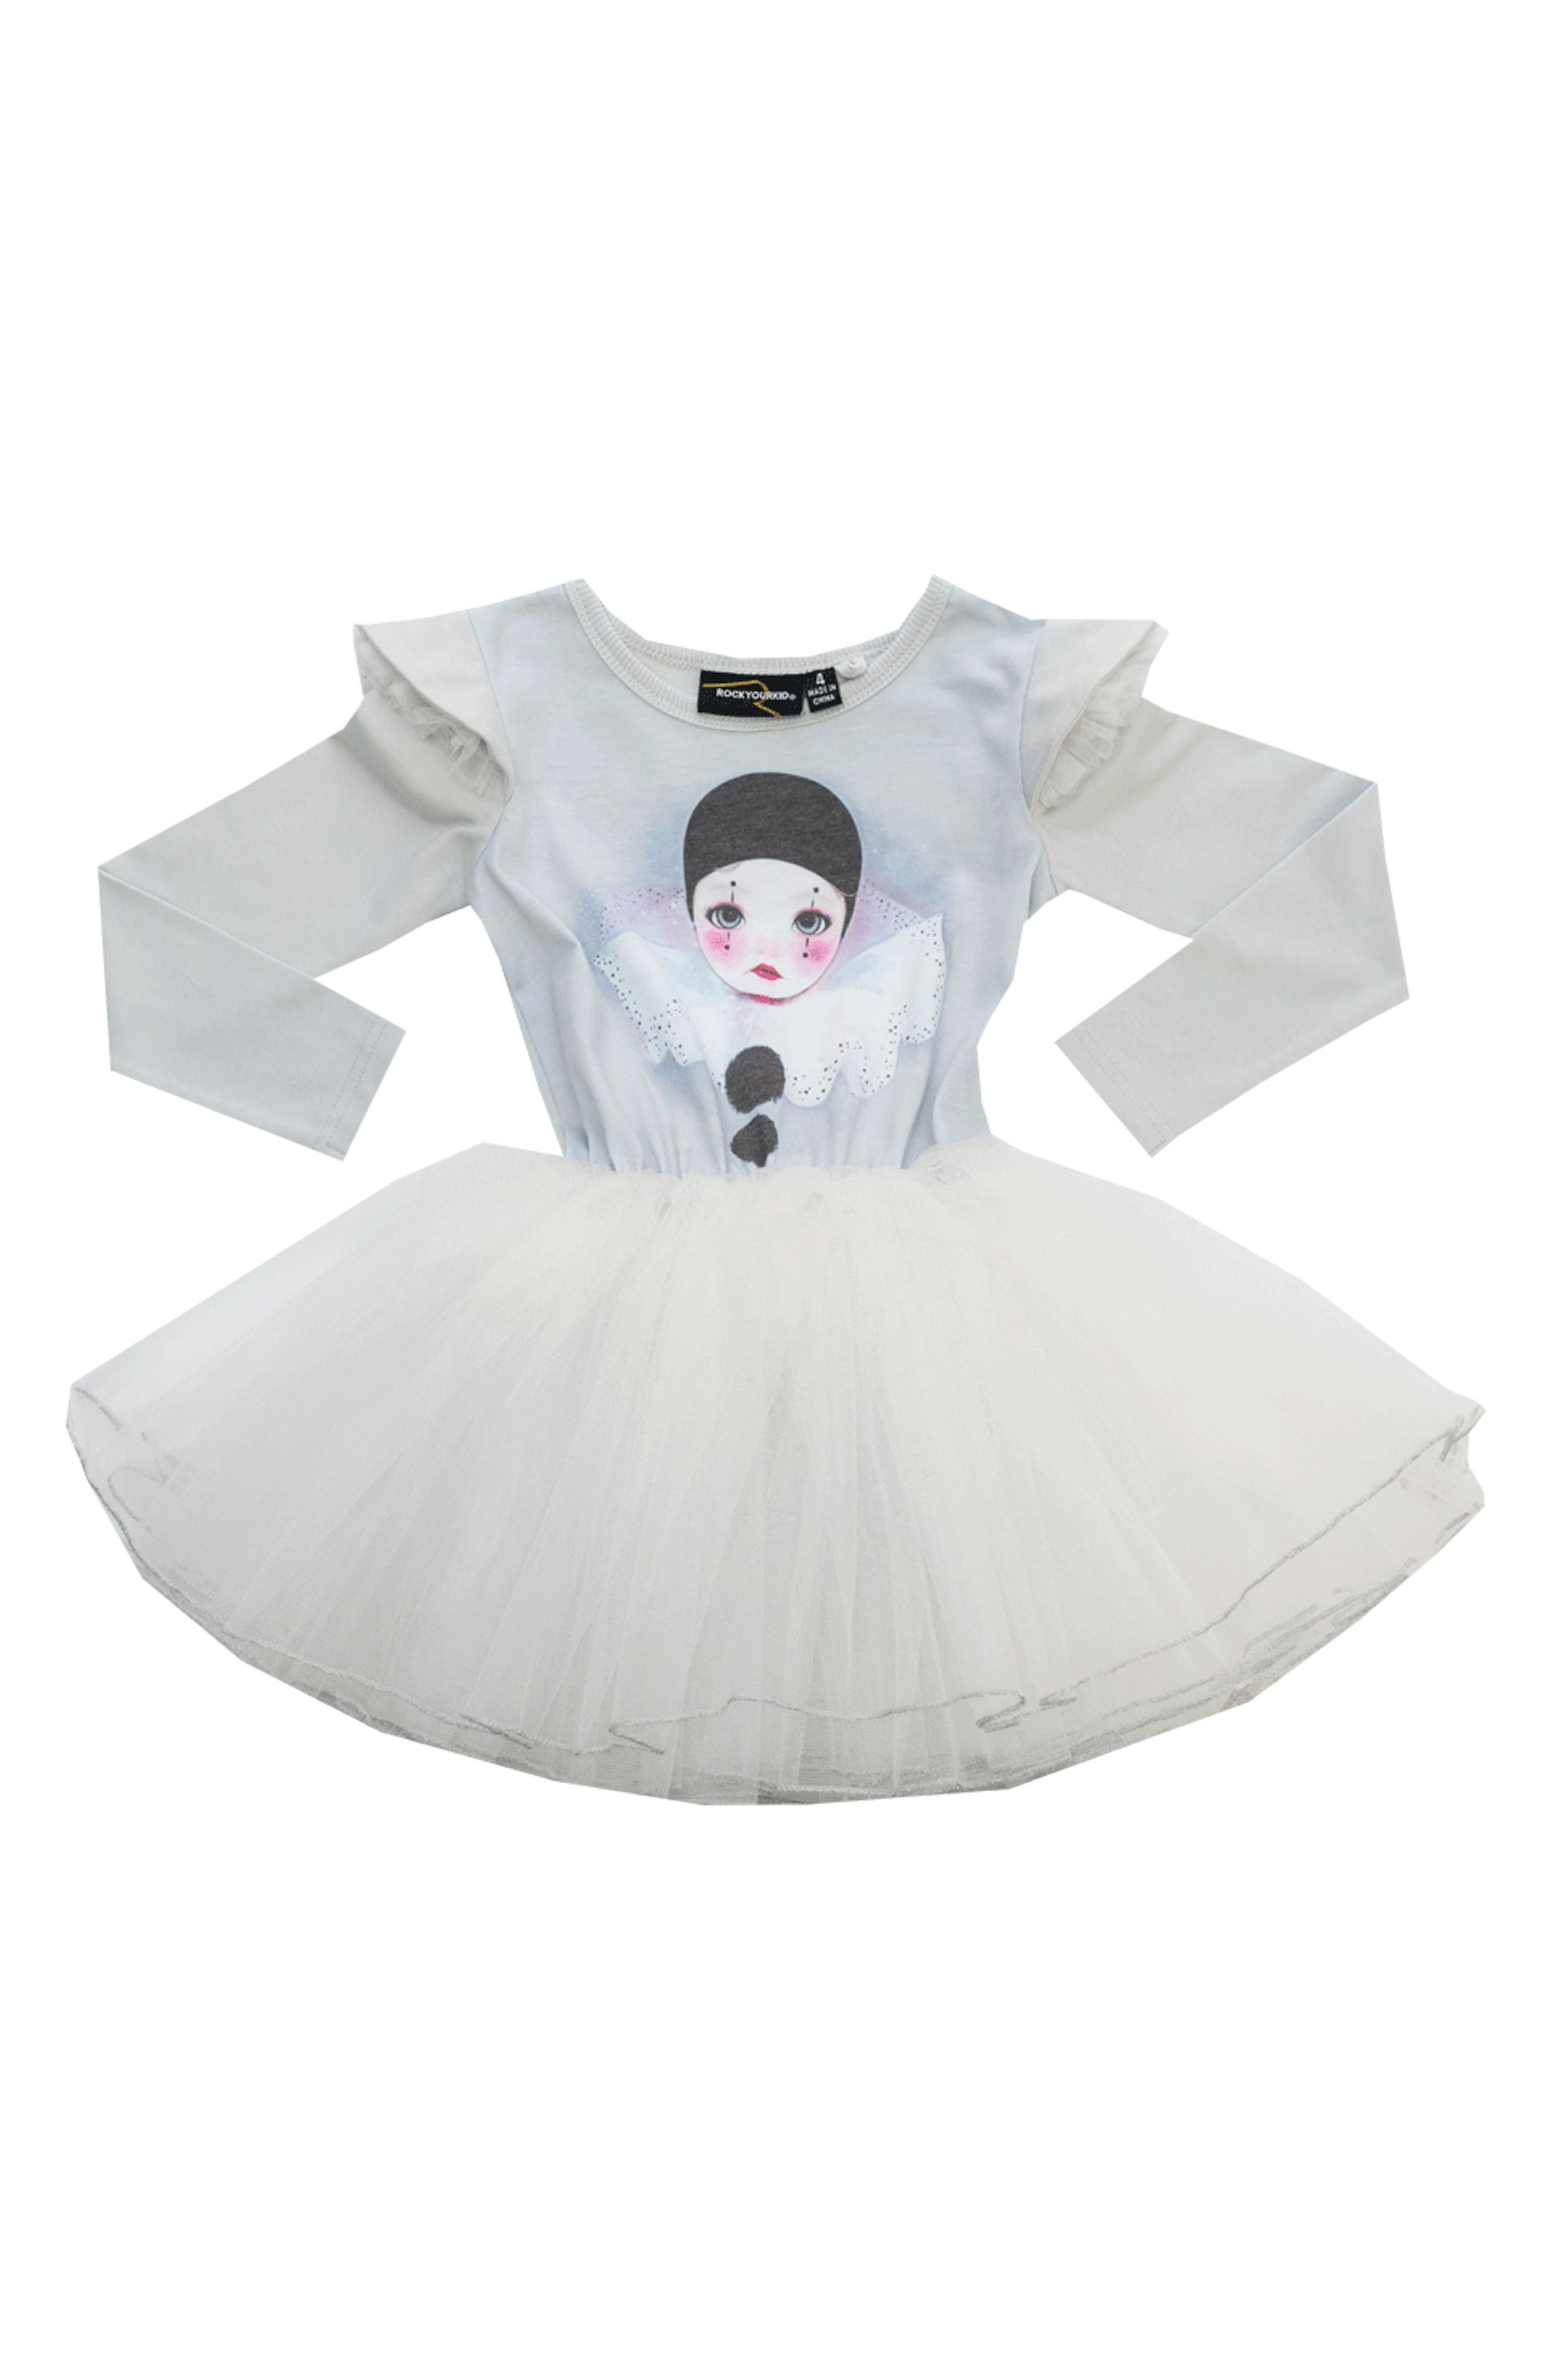 Main Image - Rock Your Kid Pierrot Circus Dress (Toddler Girls & Little Girls)